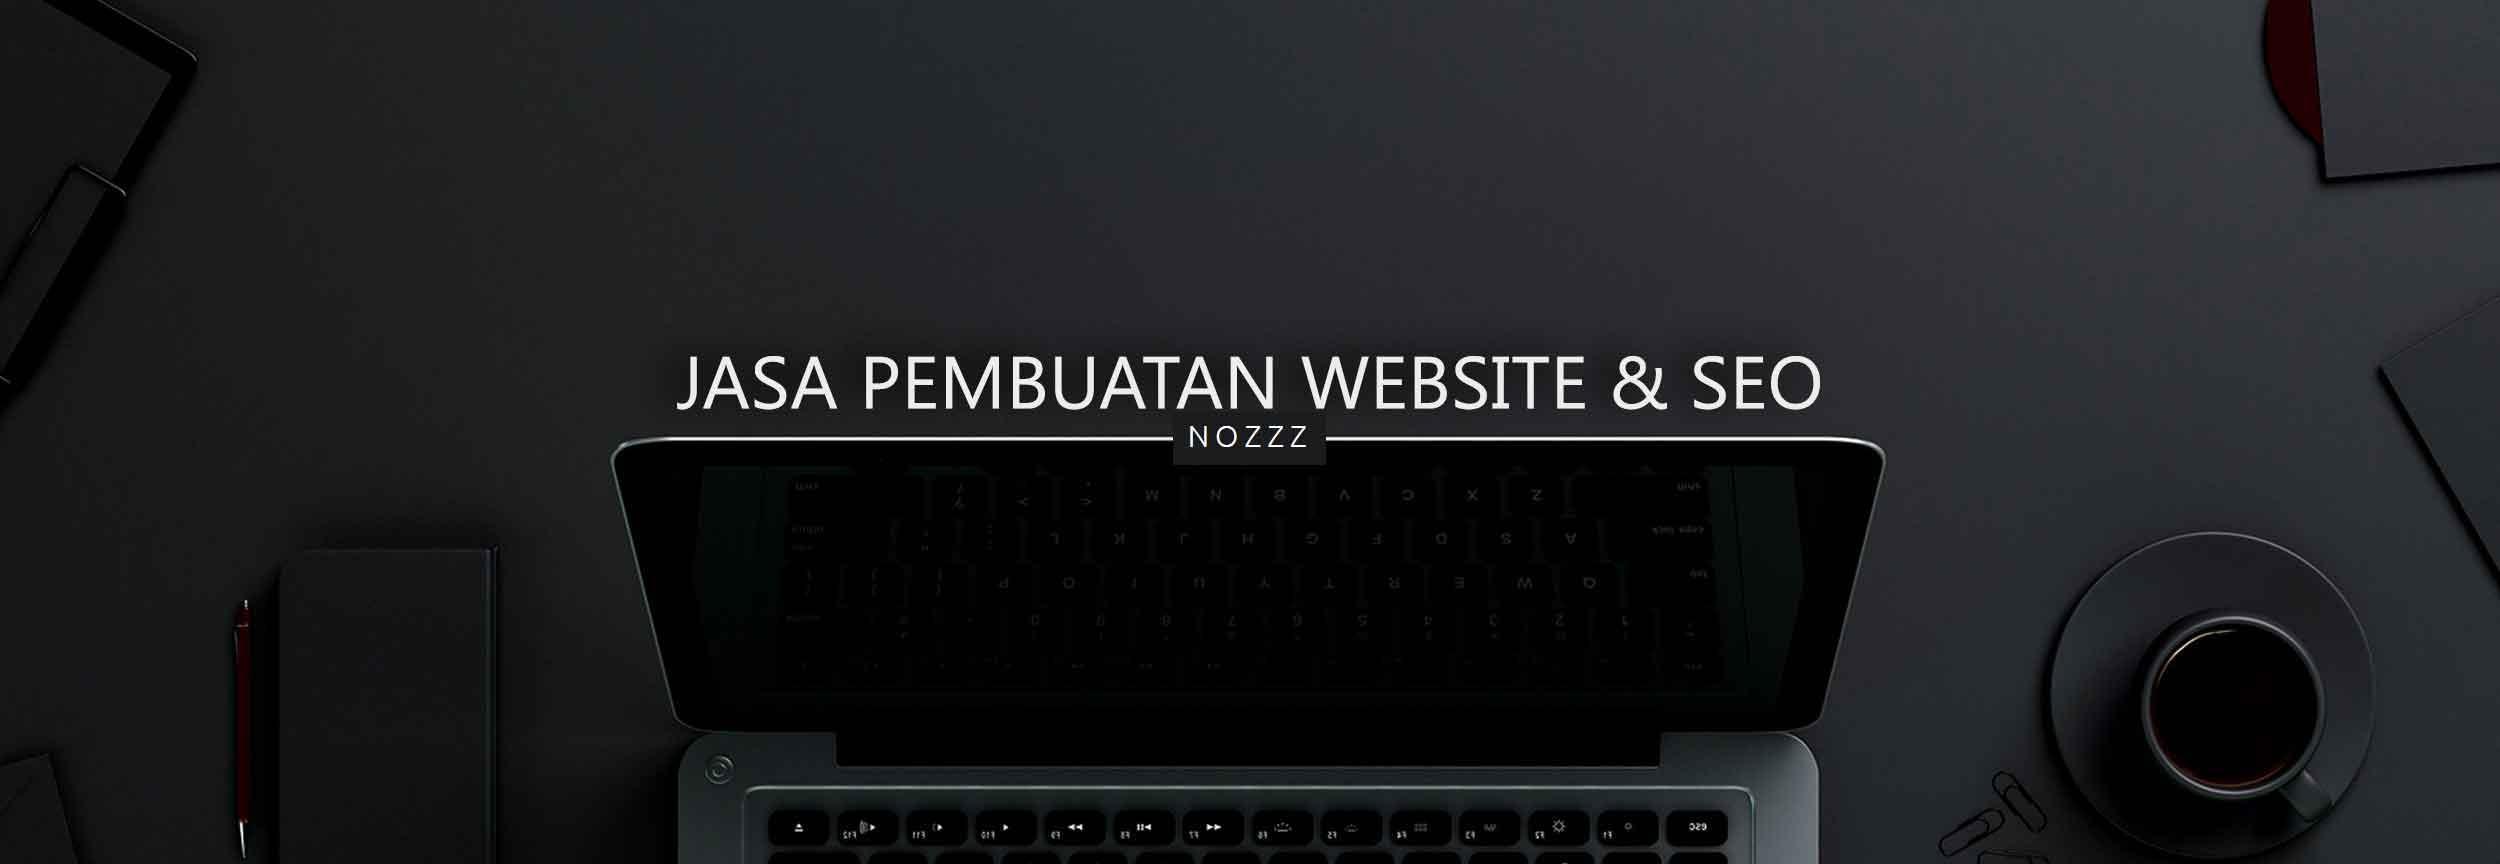 Jasa Pembuatan Website SEO